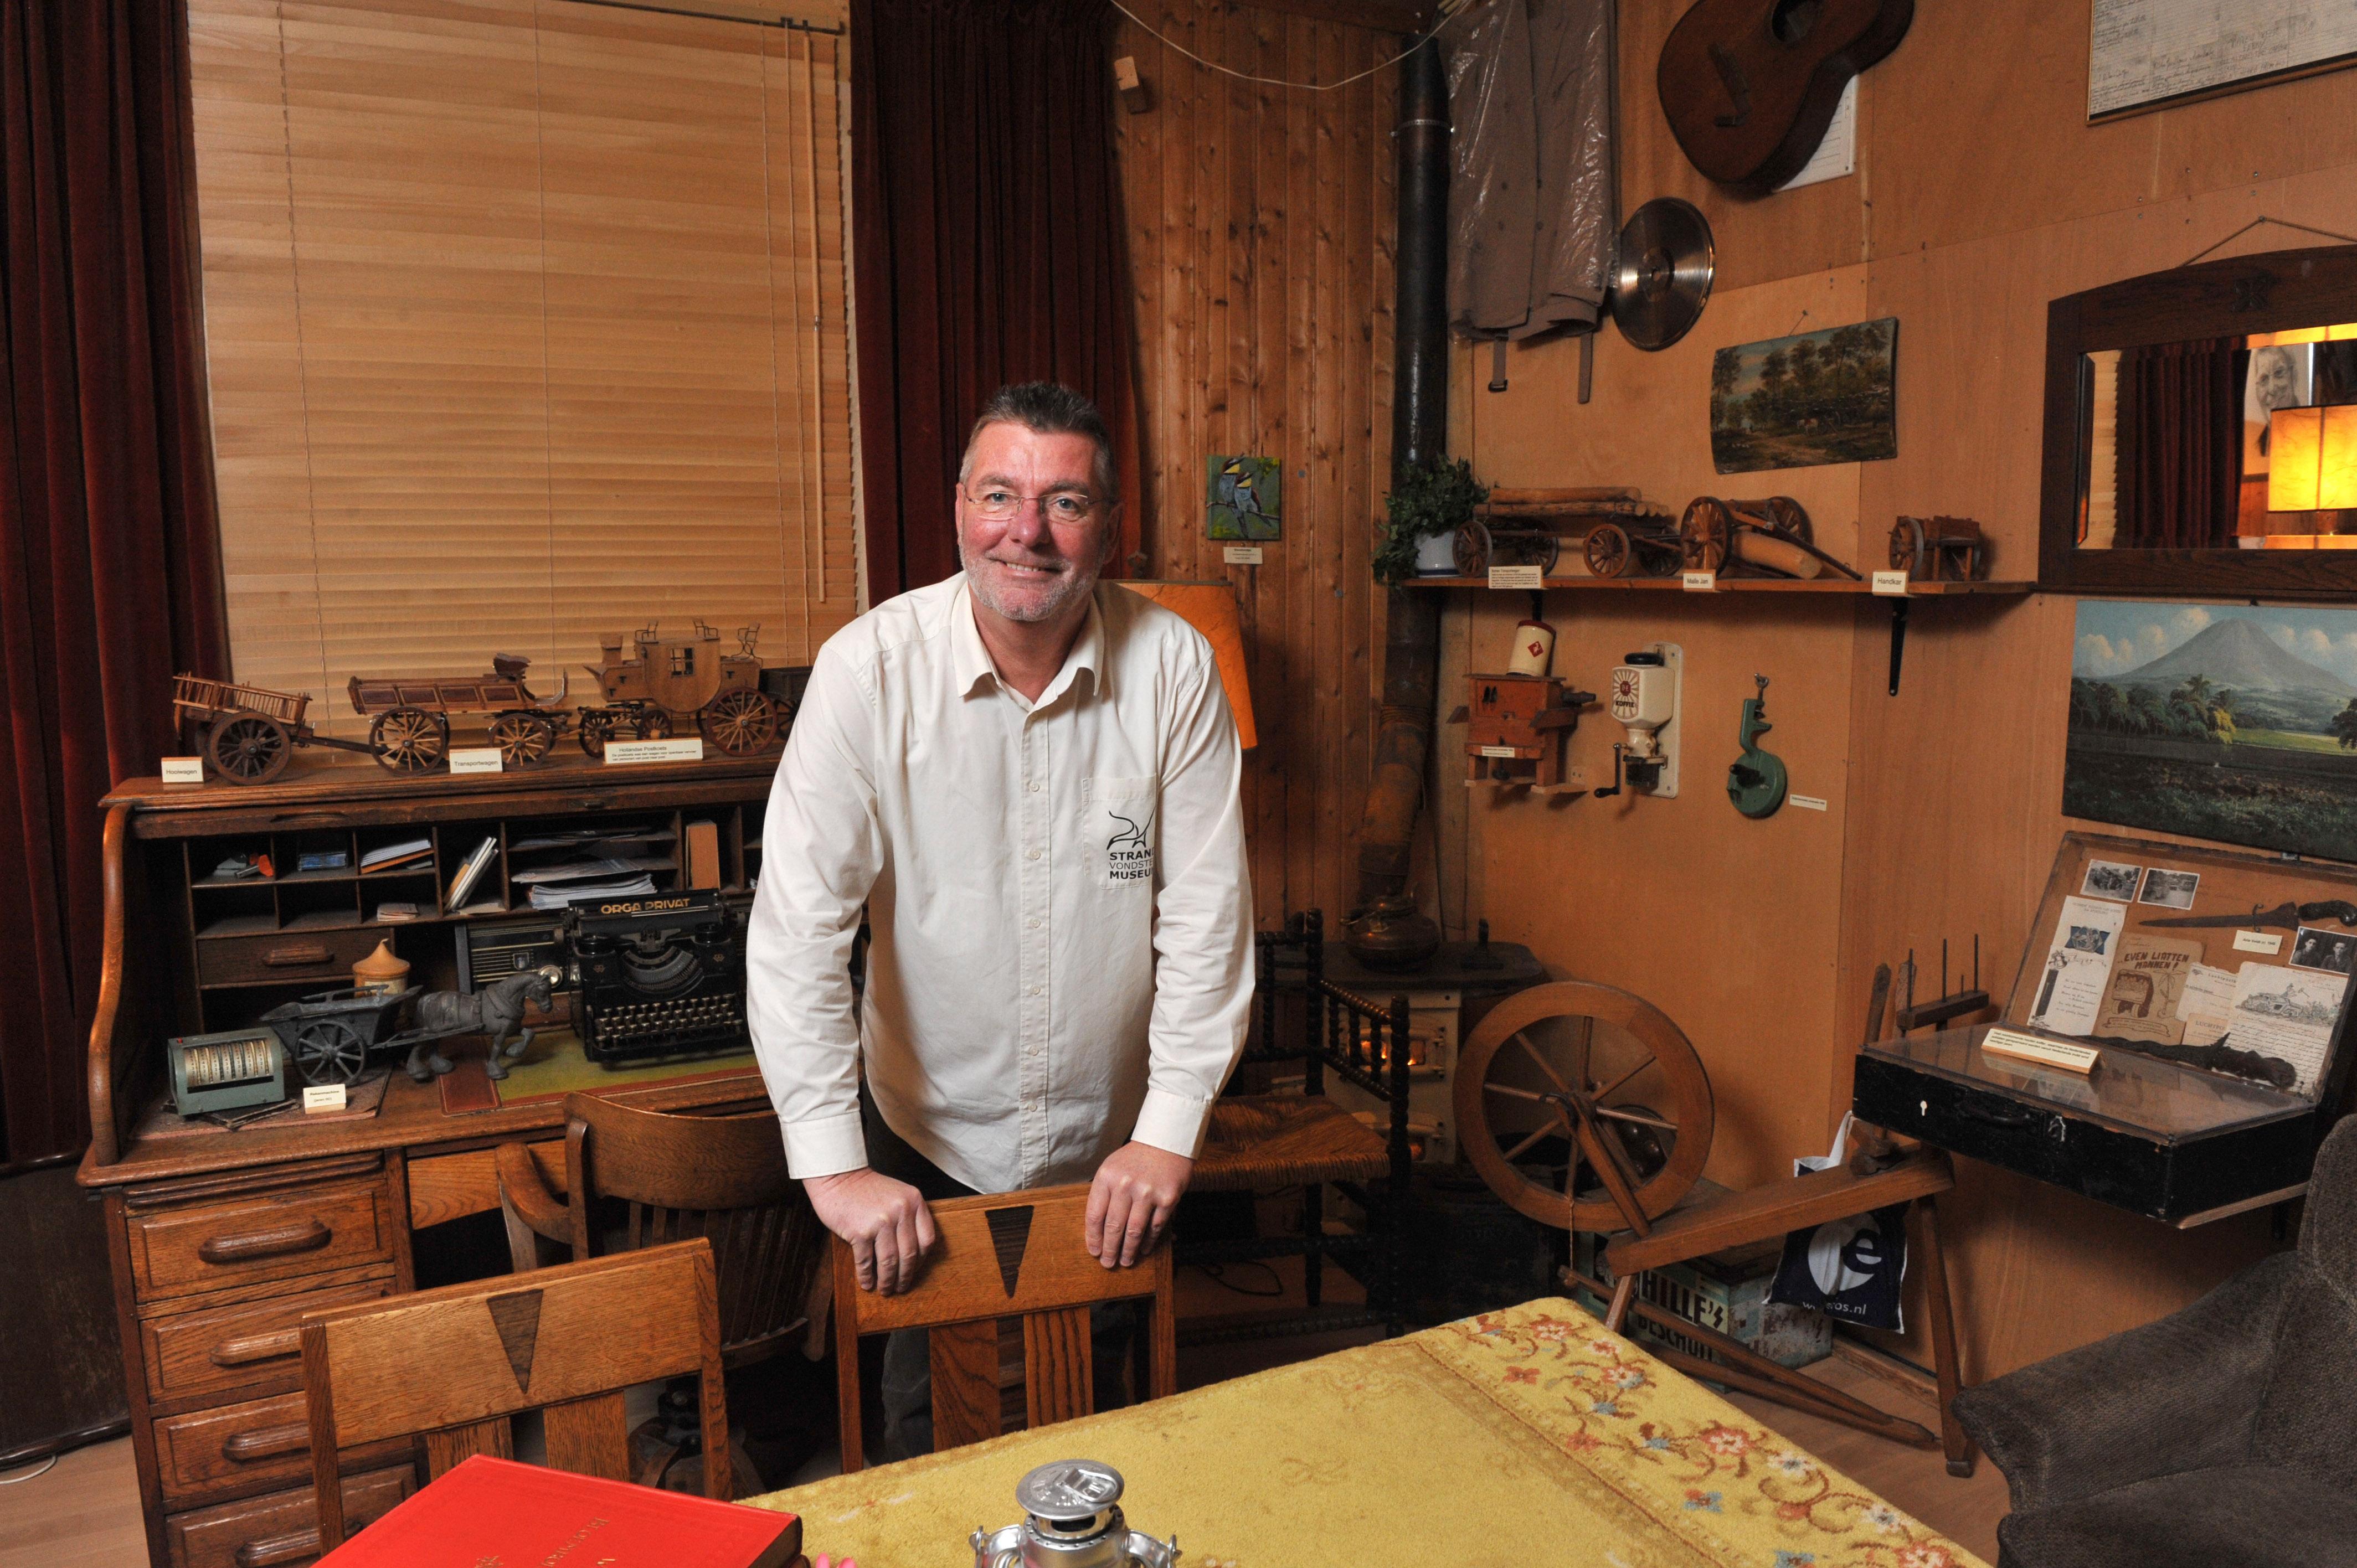 Het Strandvondstenmuseum moet de deuren sluiten: 'Ik heb geen eerlijke kans gehad'